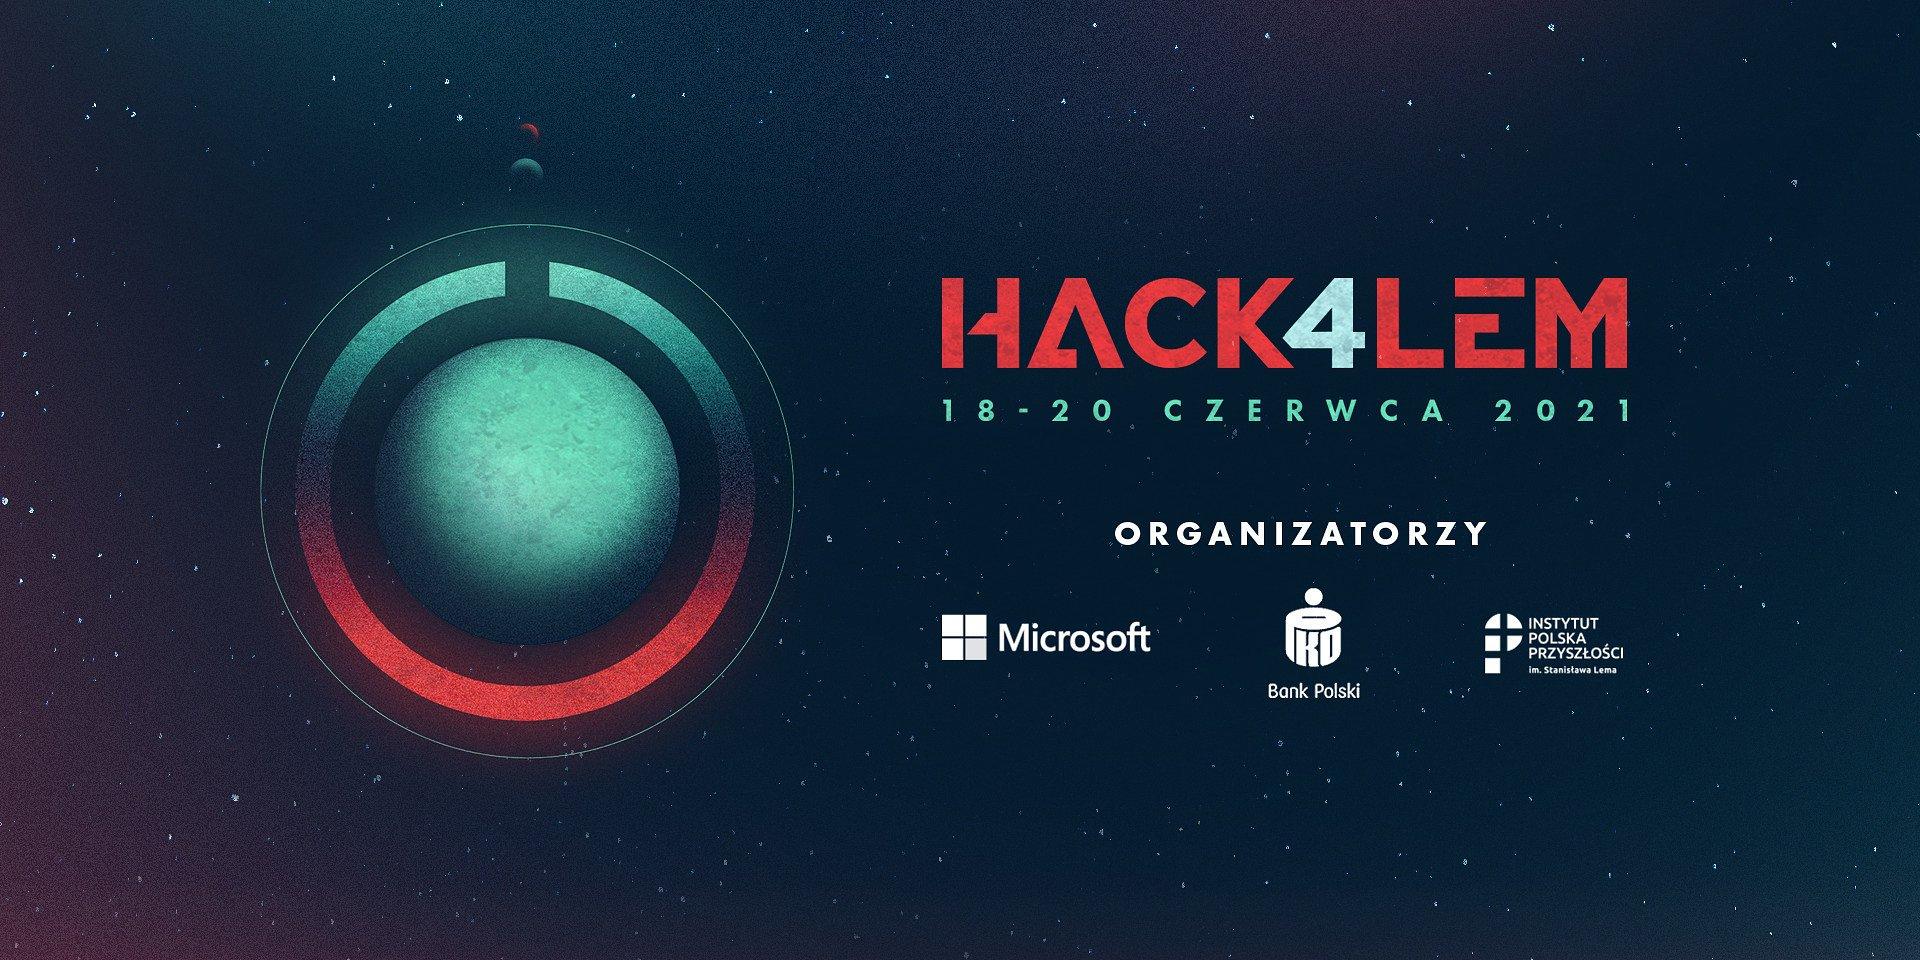 Stwórz przyszłość, którą widział Stanisław Lem. Dołącz do maratonu programowania Hack4Lem.